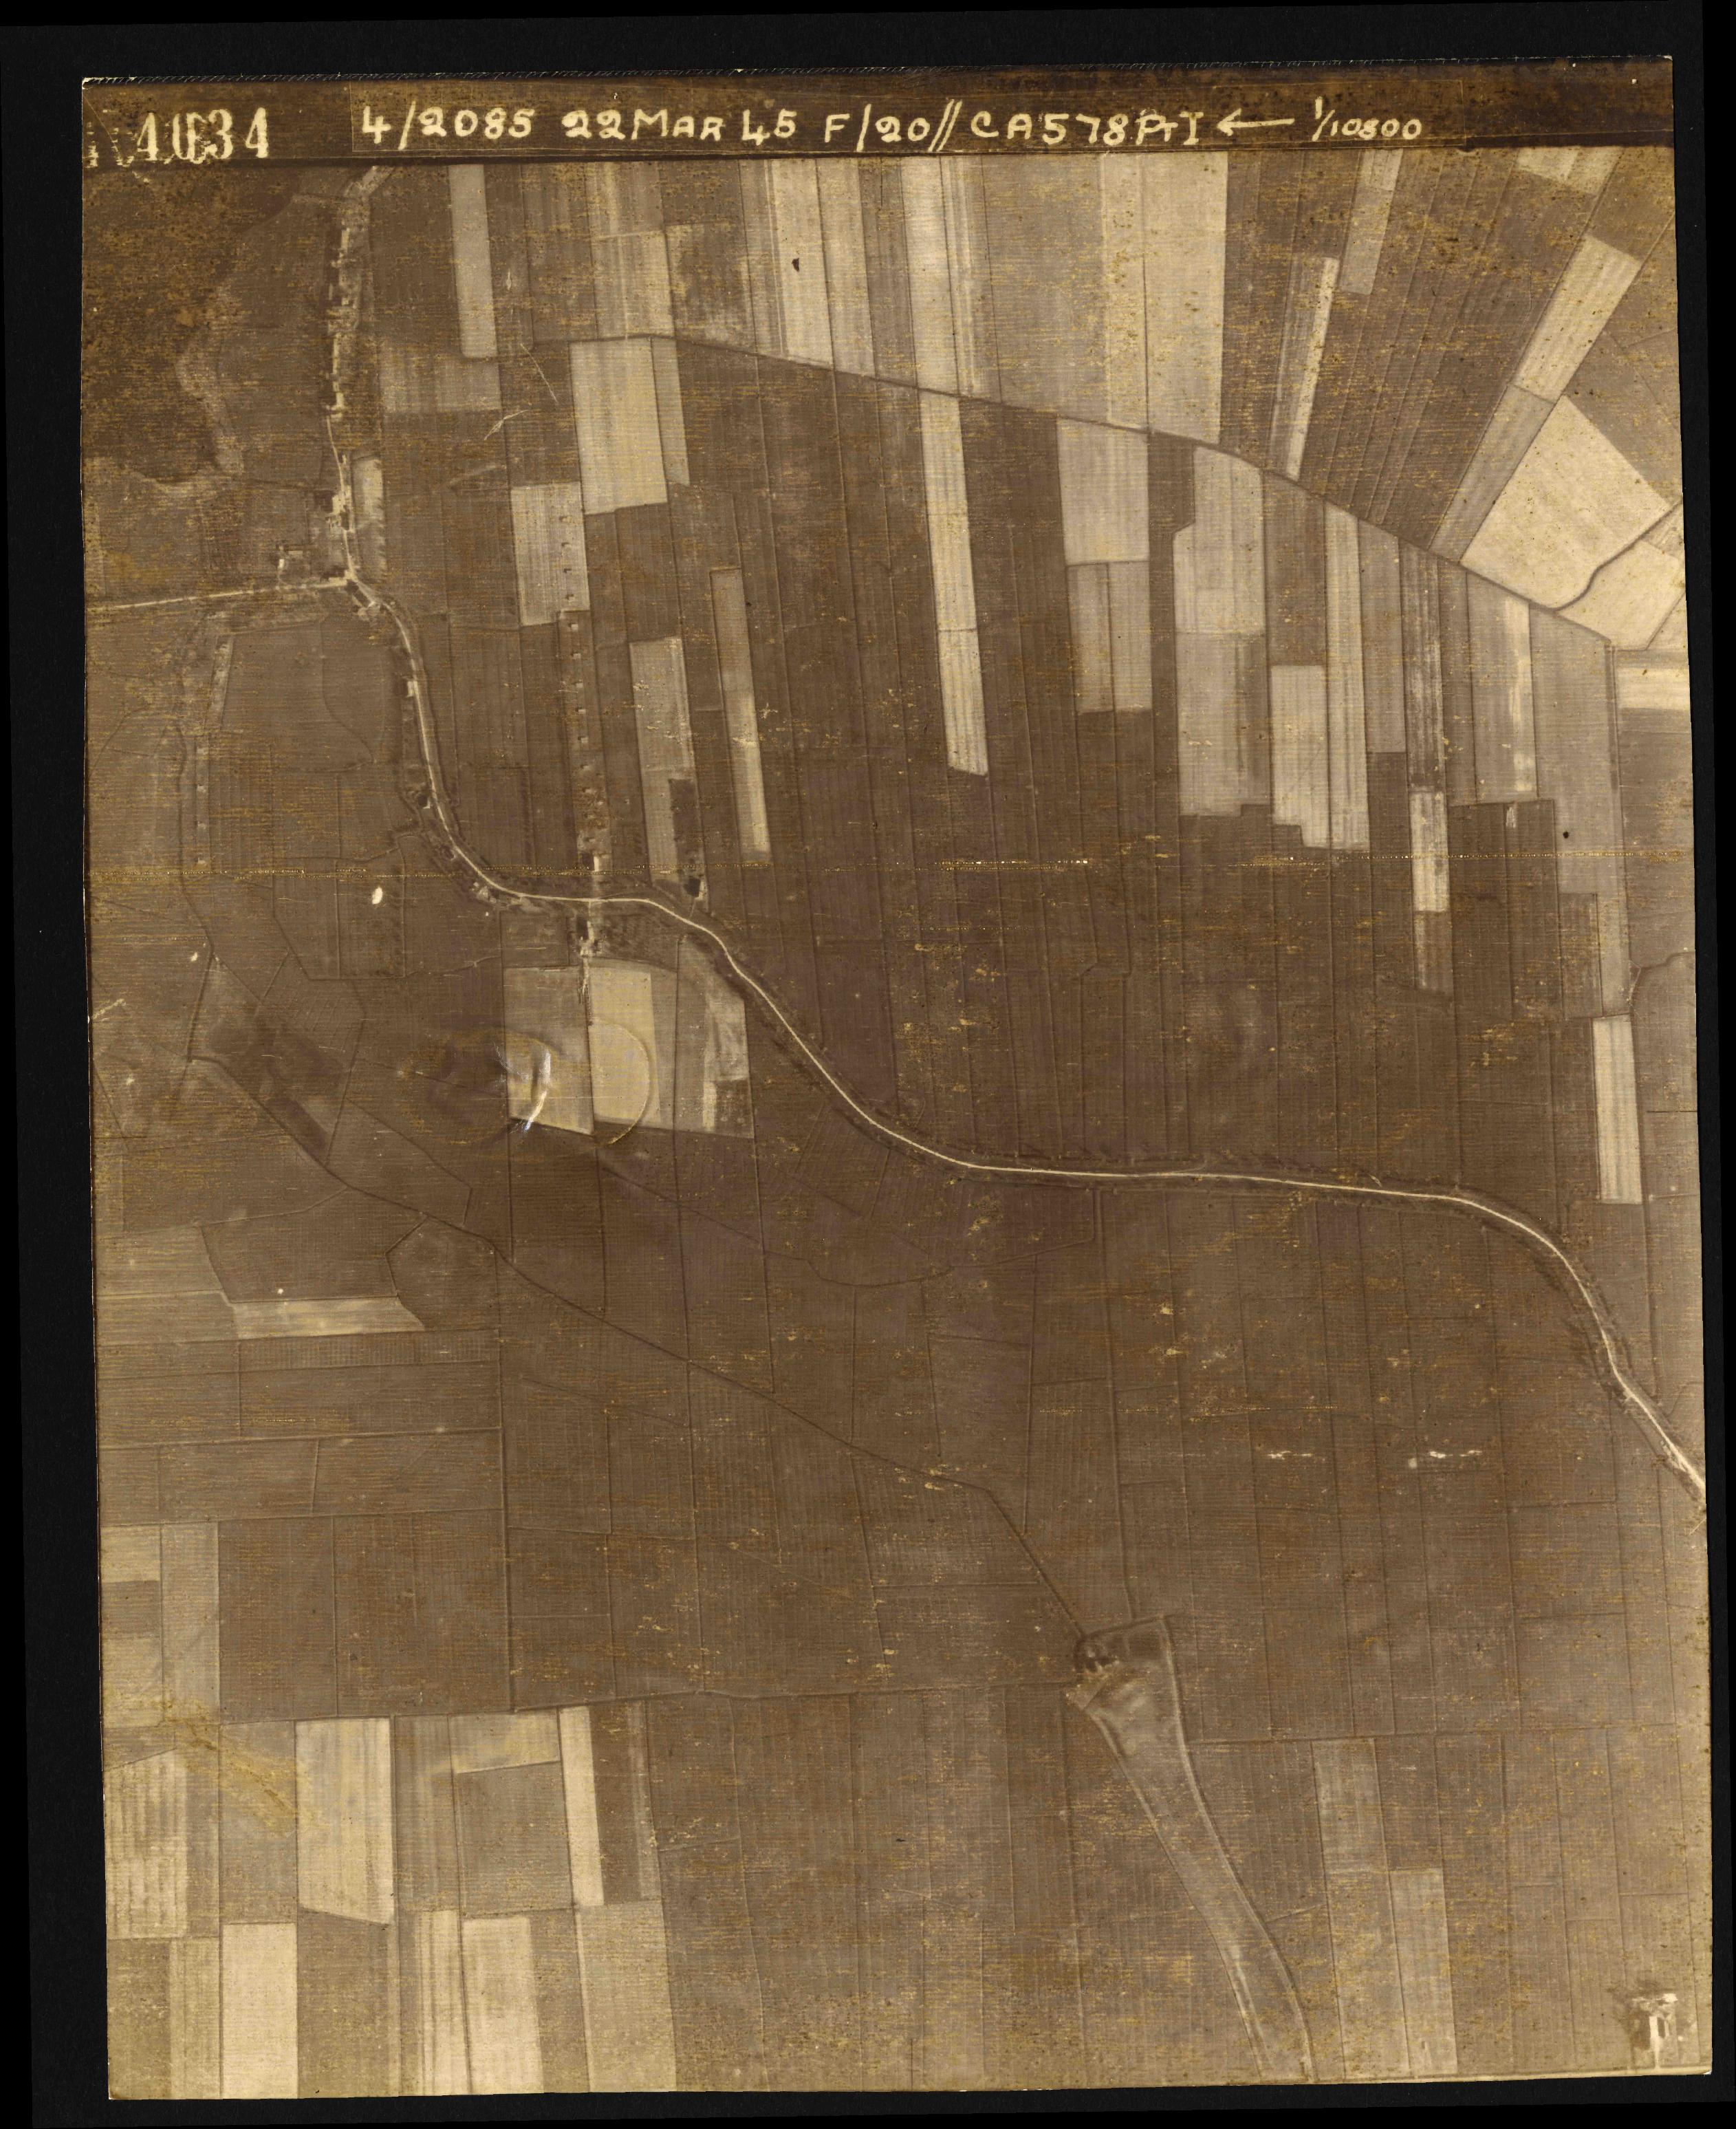 Collection RAF aerial photos 1940-1945 - flight 021, run 02, photo 4034